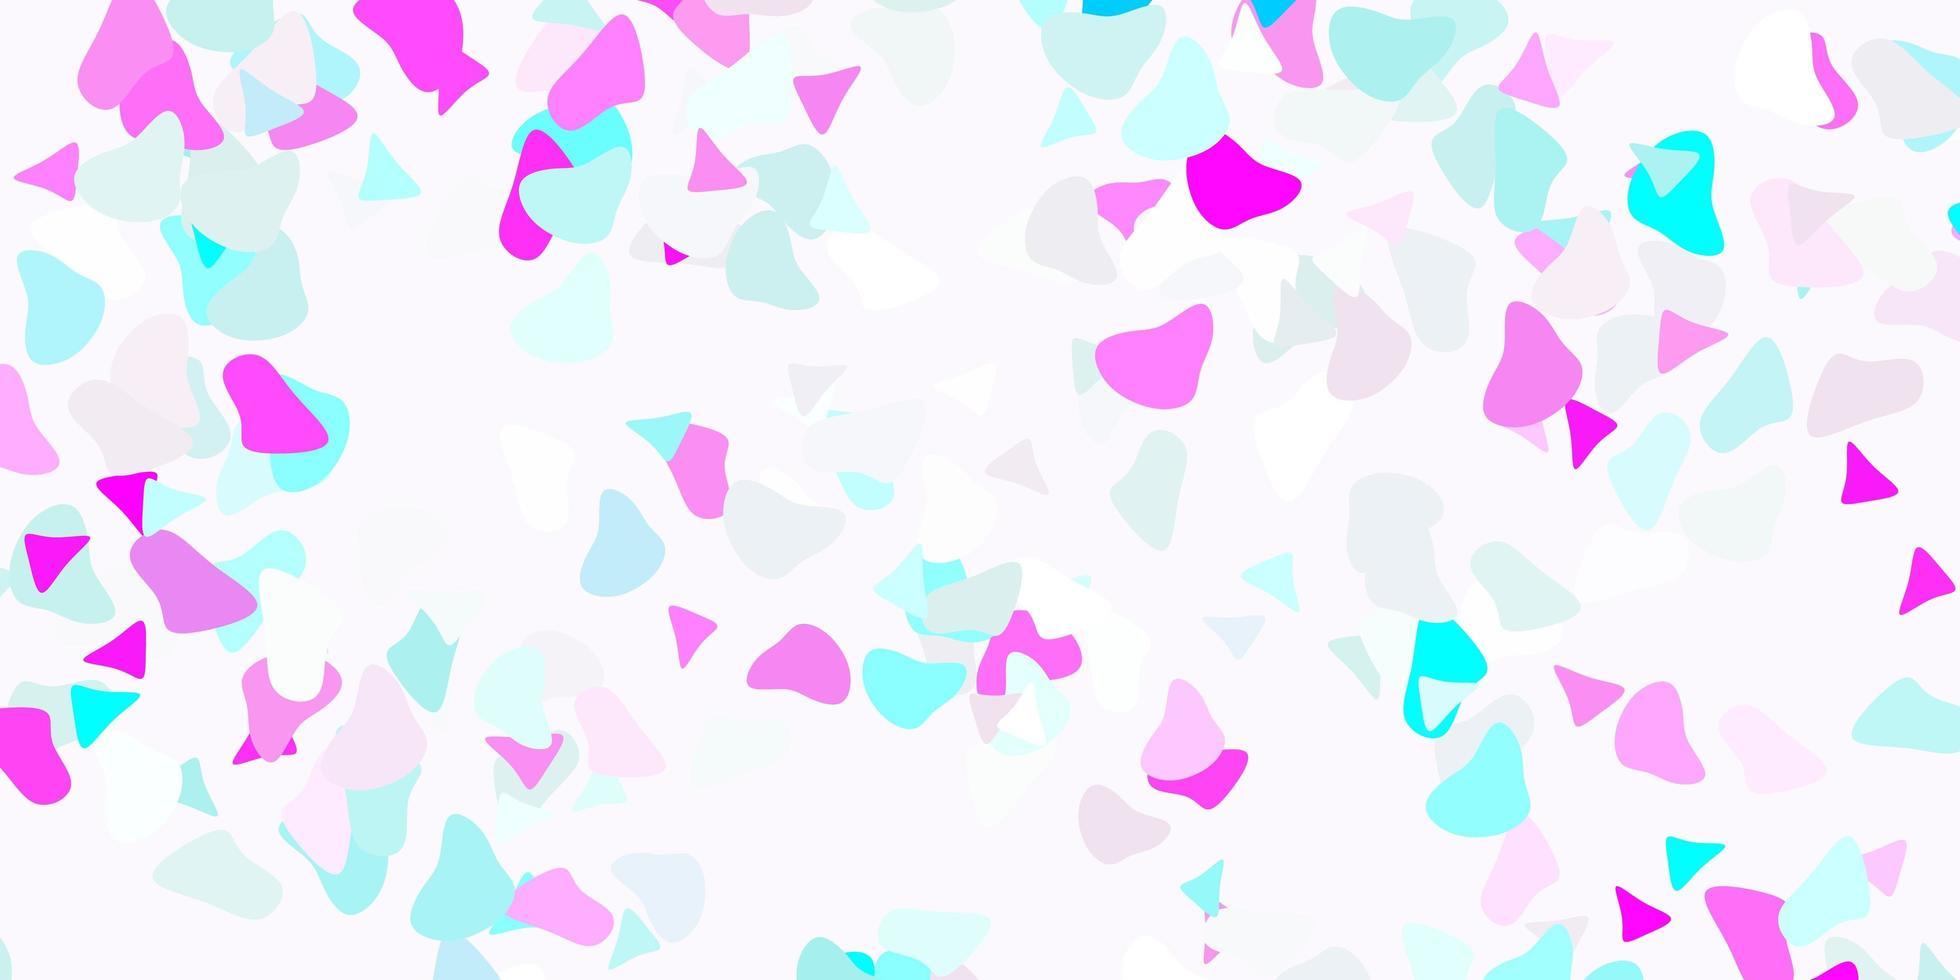 modèle vectoriel rose clair, bleu avec des formes abstraites.